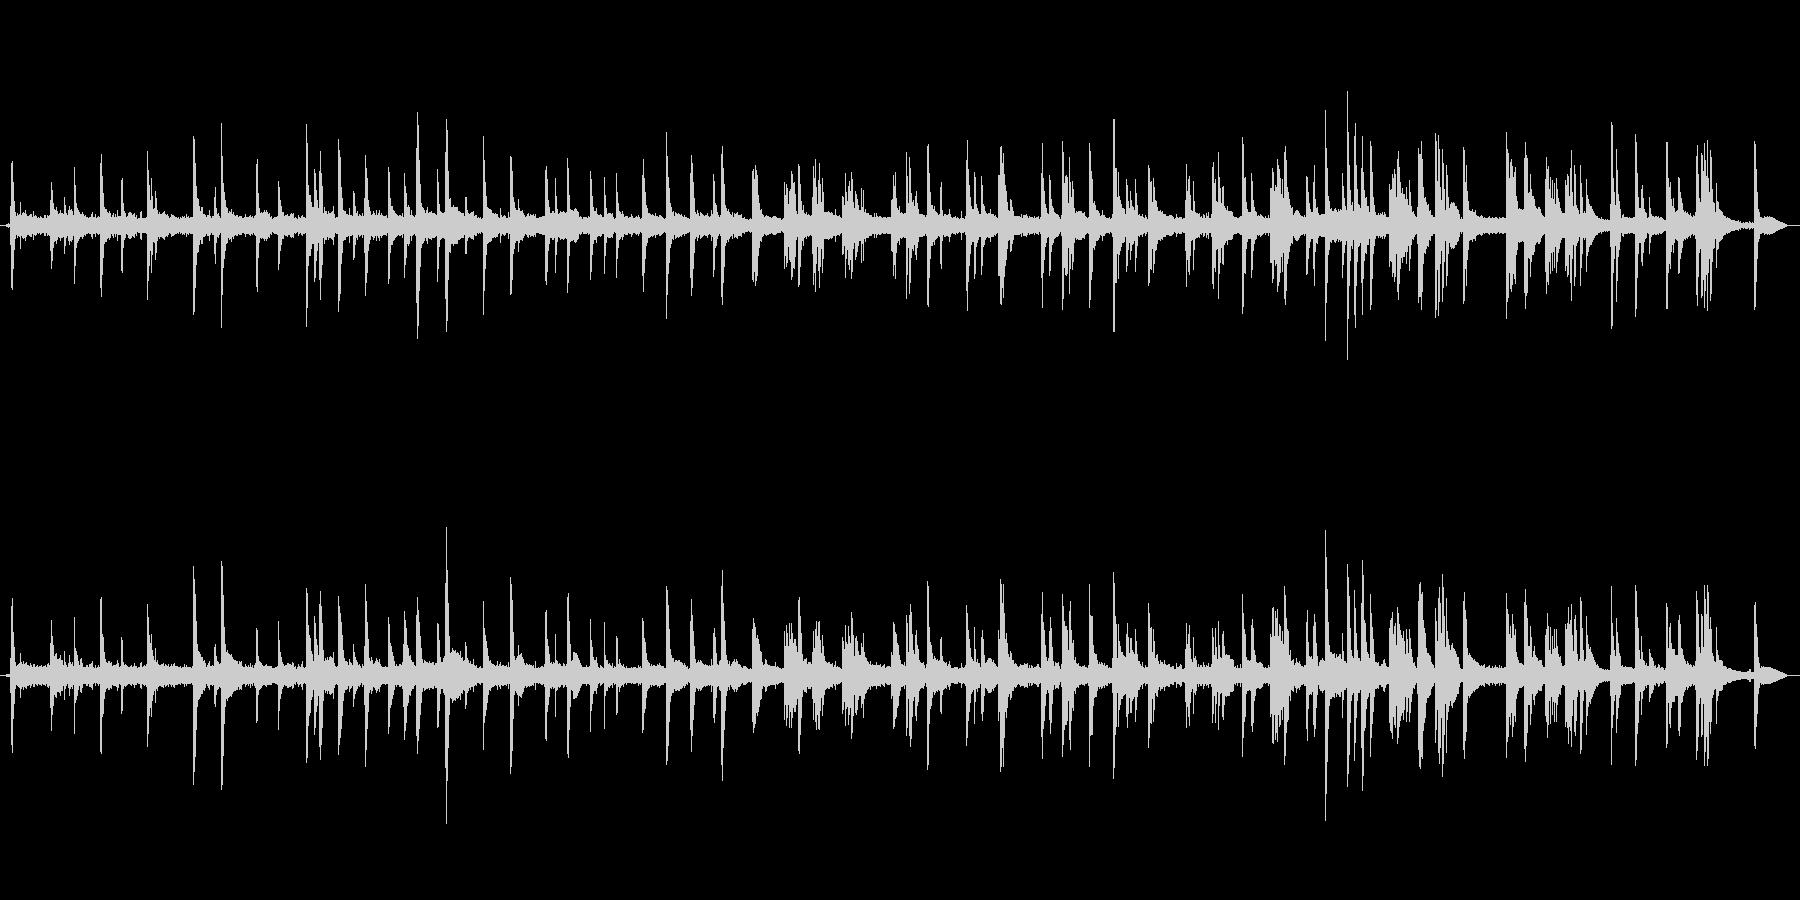 森の中で響く優しいピアノのBGMの未再生の波形